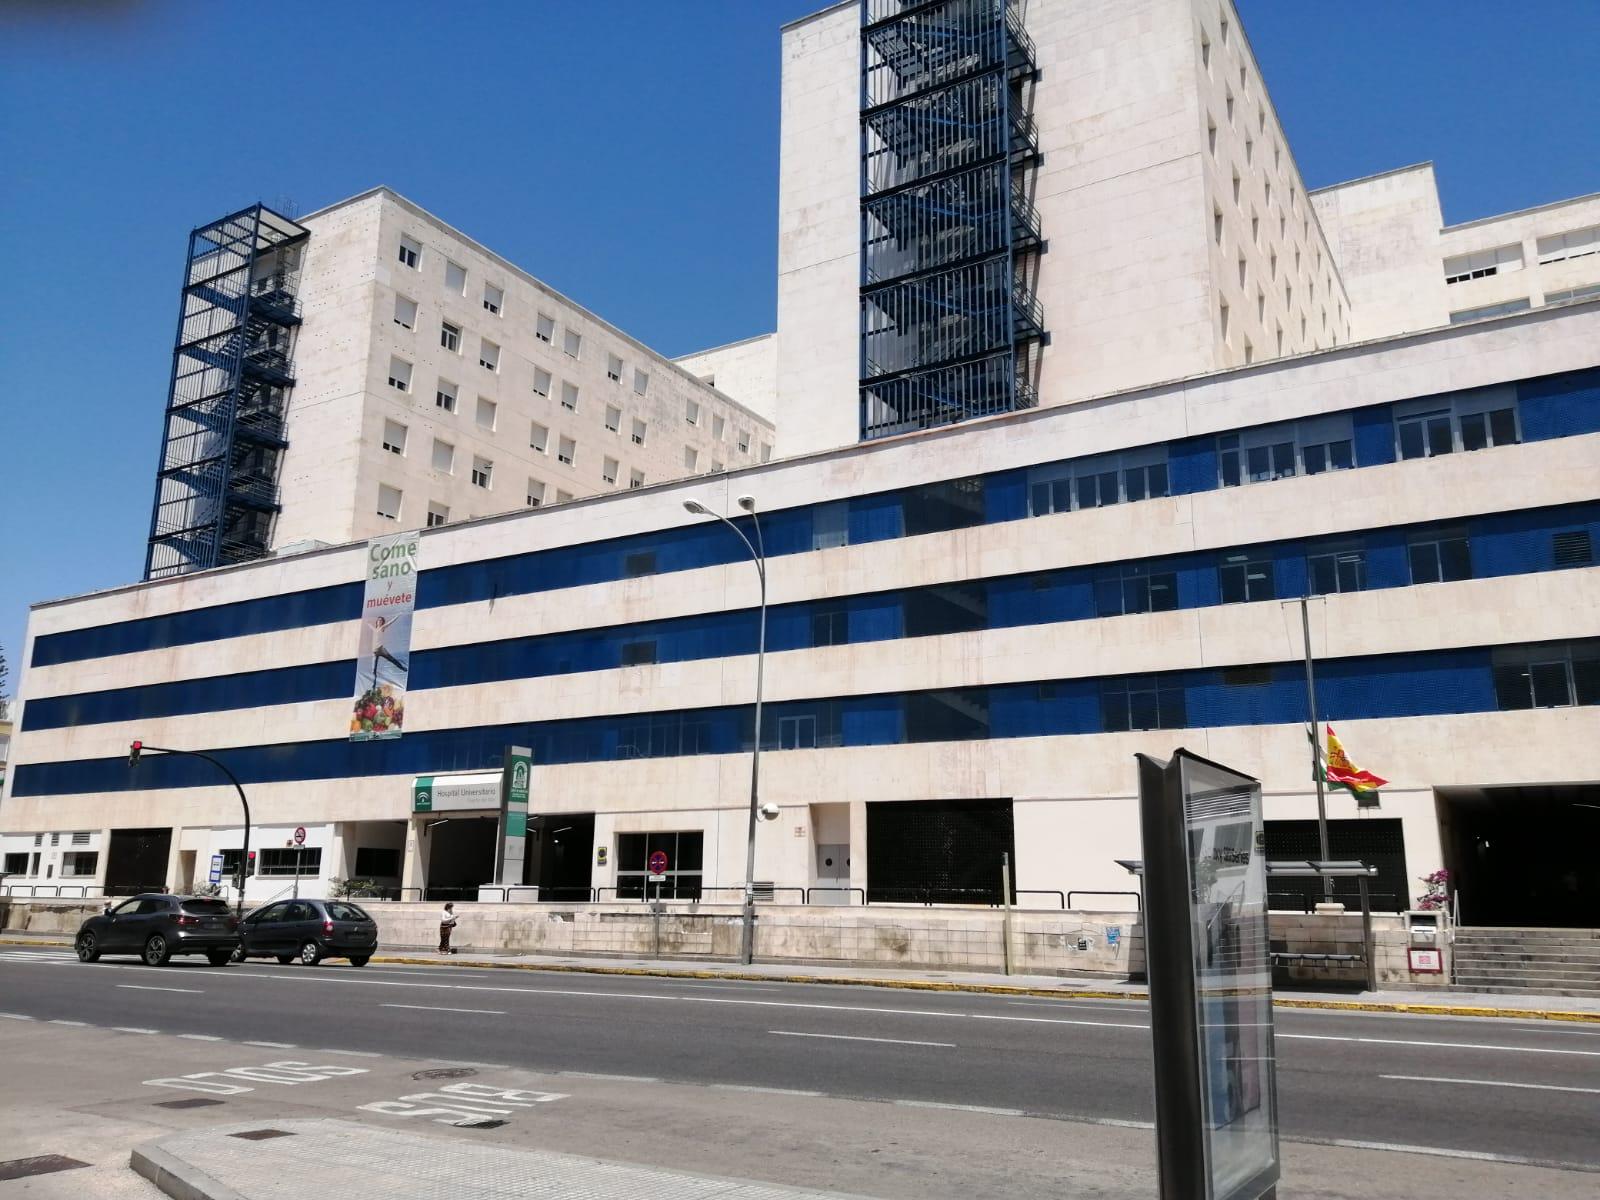 El Hospital Puerta del Mar de Cádiz realiza tres trasplantes renales en 24 horas - Hospital Universitario Puerta del Mar